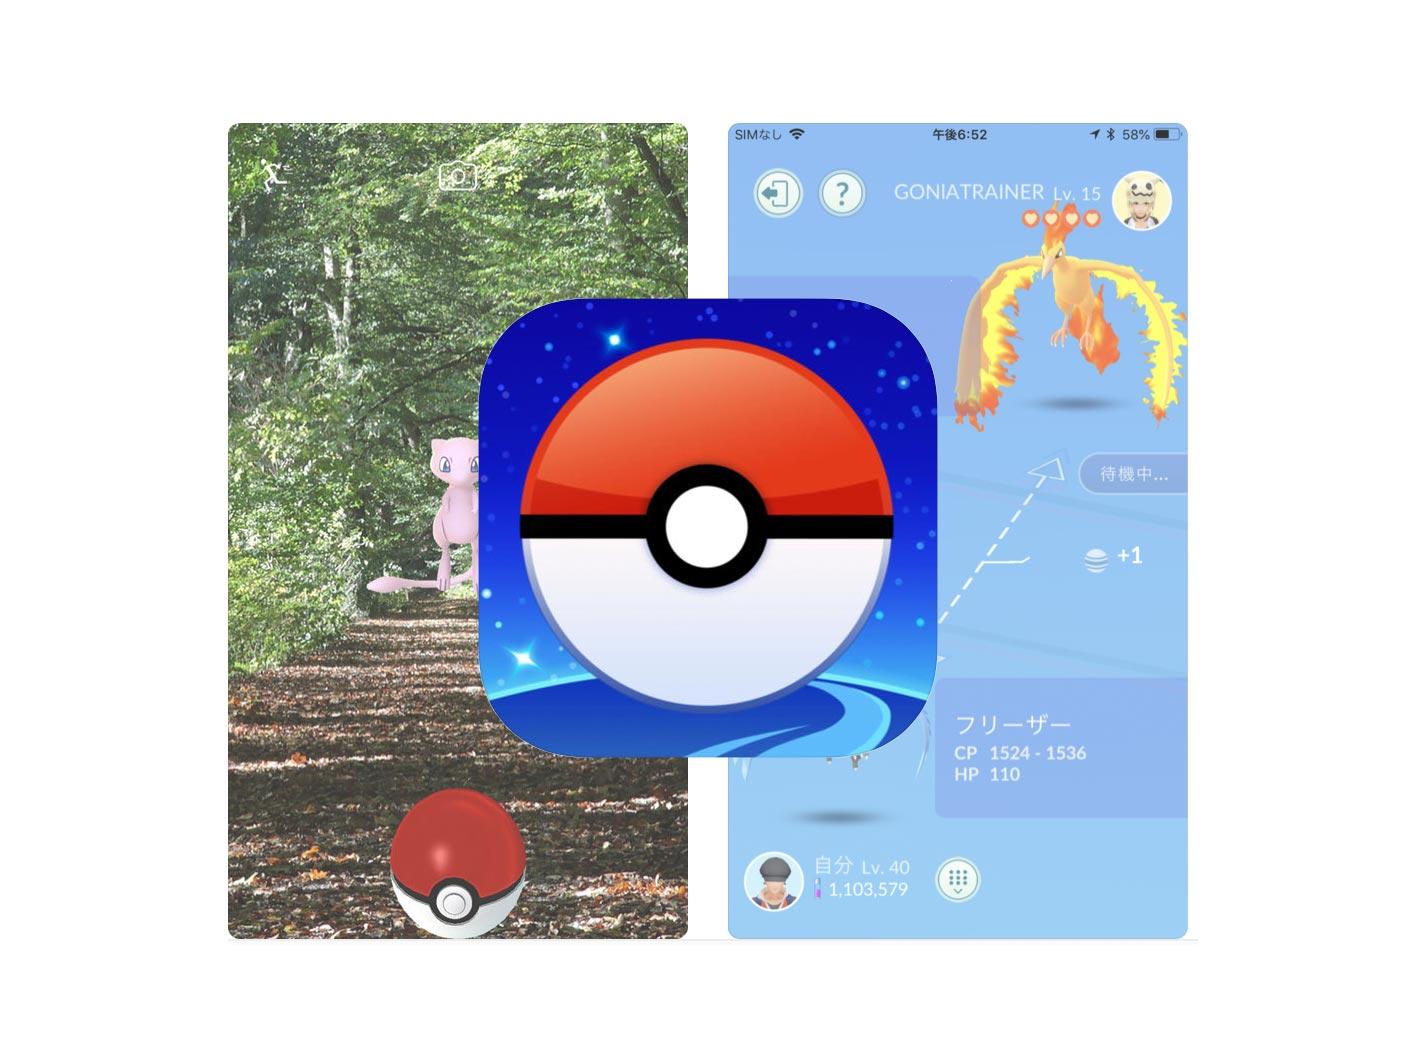 【ポケモンGO】iOSアプリ「Pokémon GO 1.81.3」リリース ー 新要素「キラポケモン」が追加など